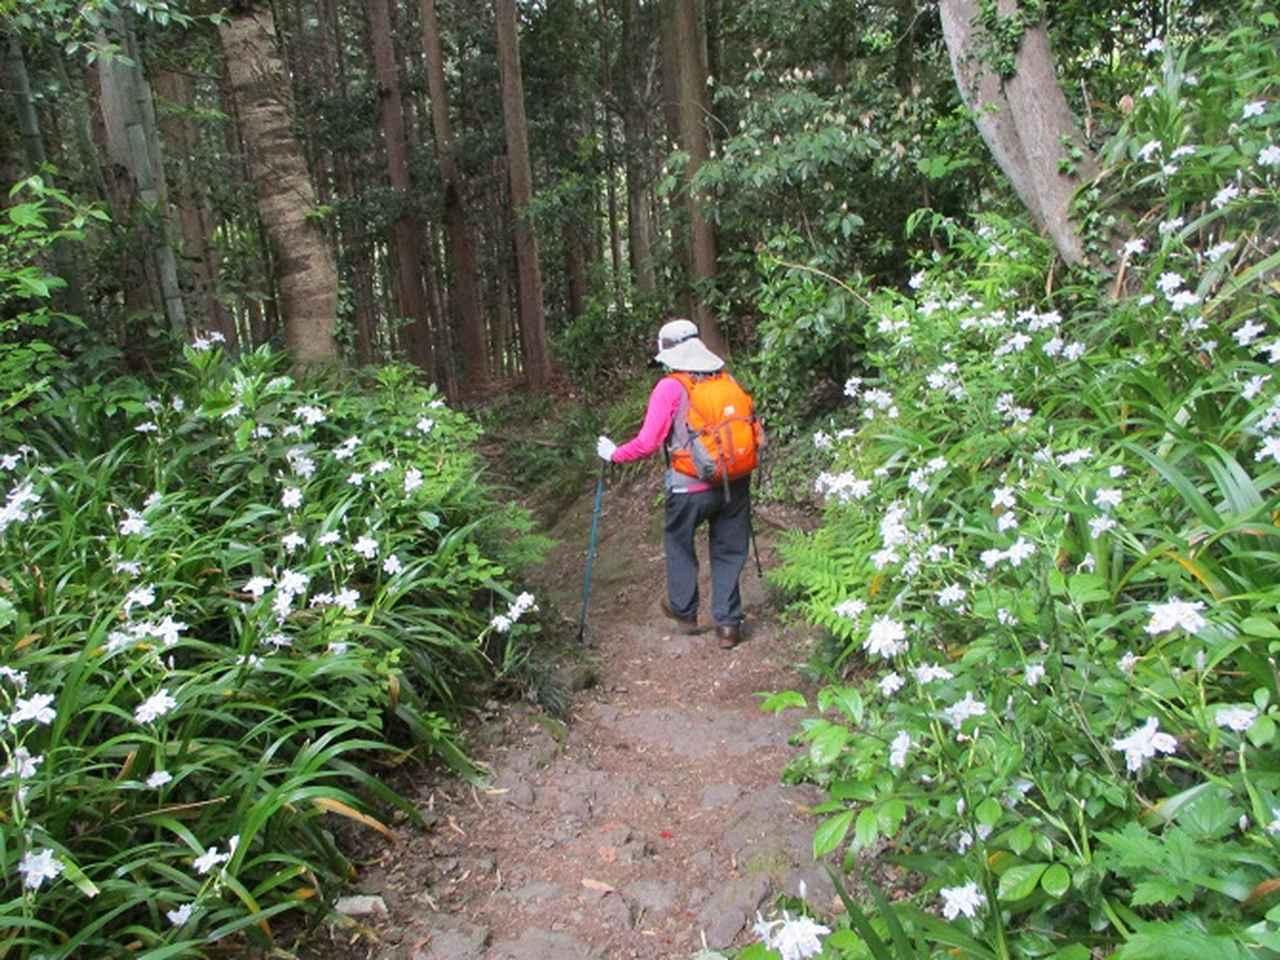 画像12: 5月4日に岡田ガイドのツアーで埼玉県の「越上山」へ行って来ました♪